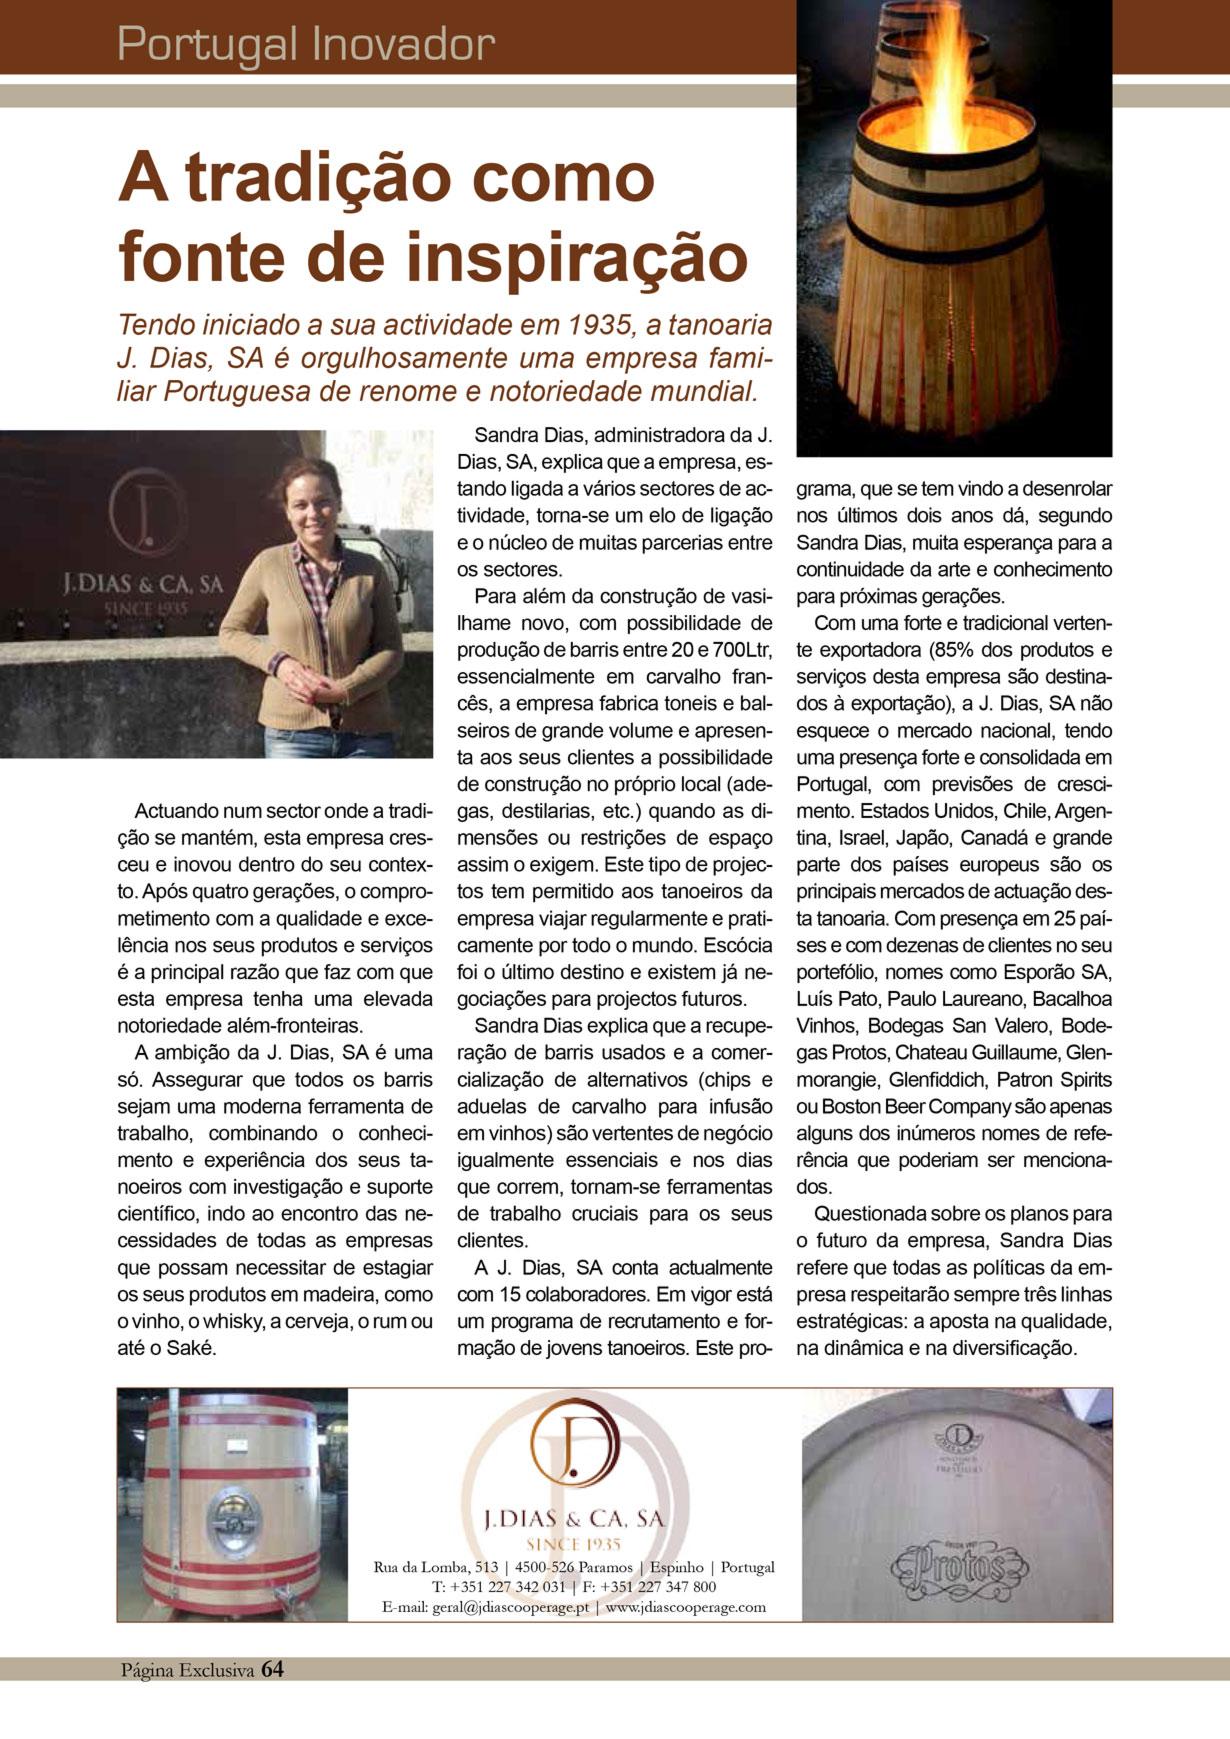 Jdias_revista